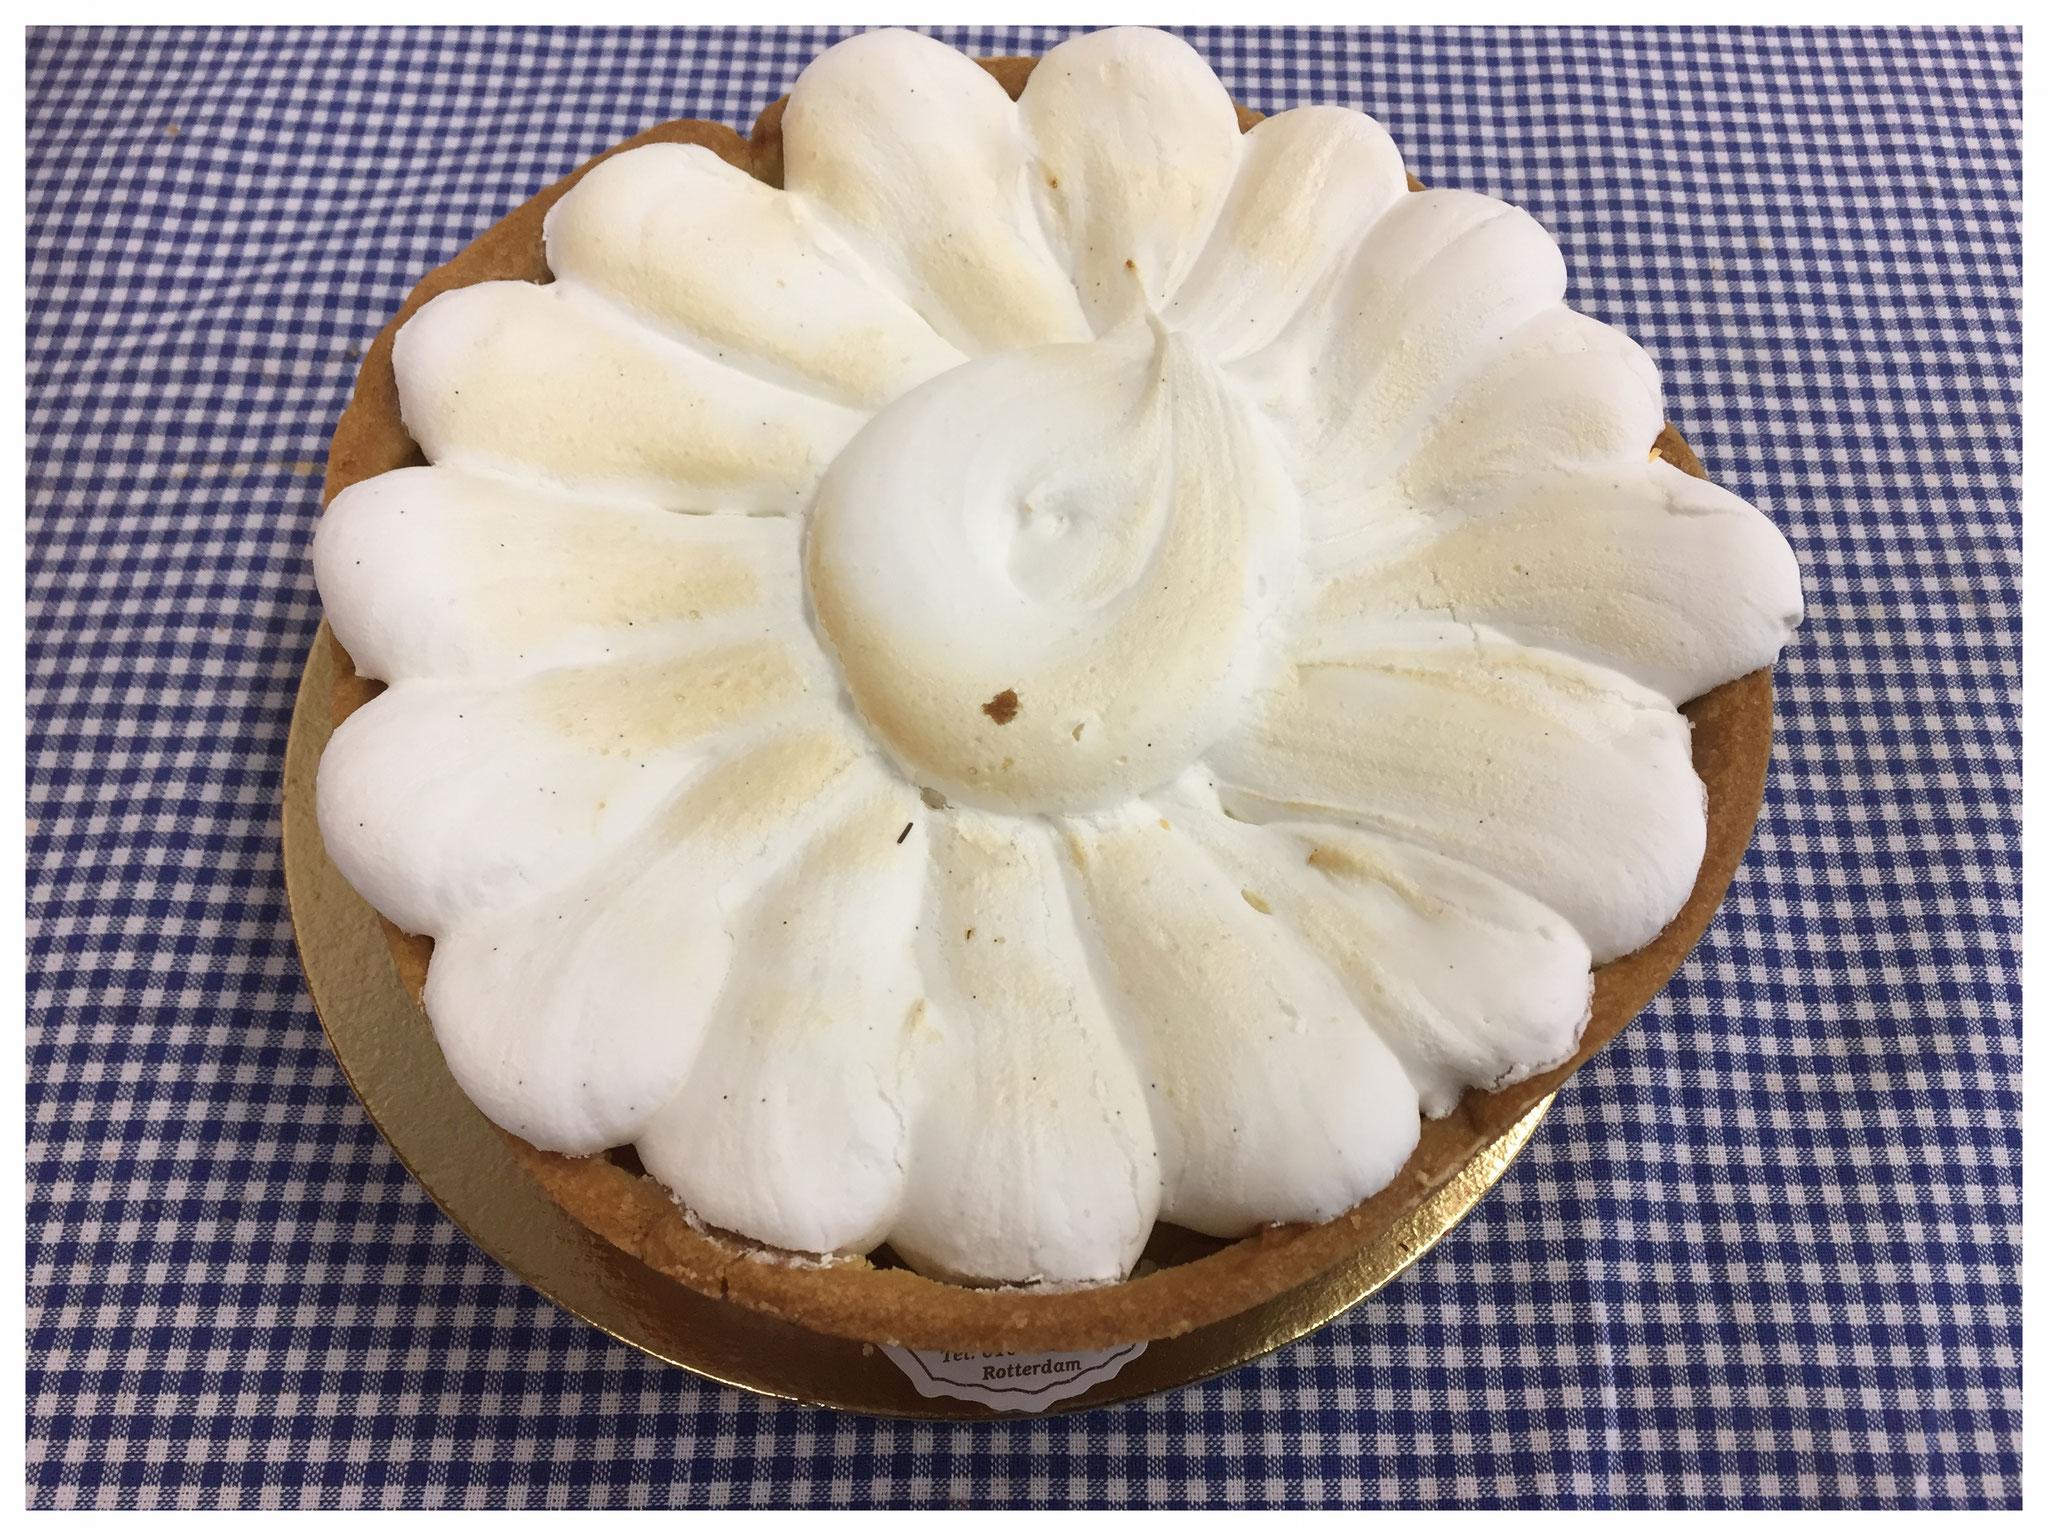 Citron Merenquetaart